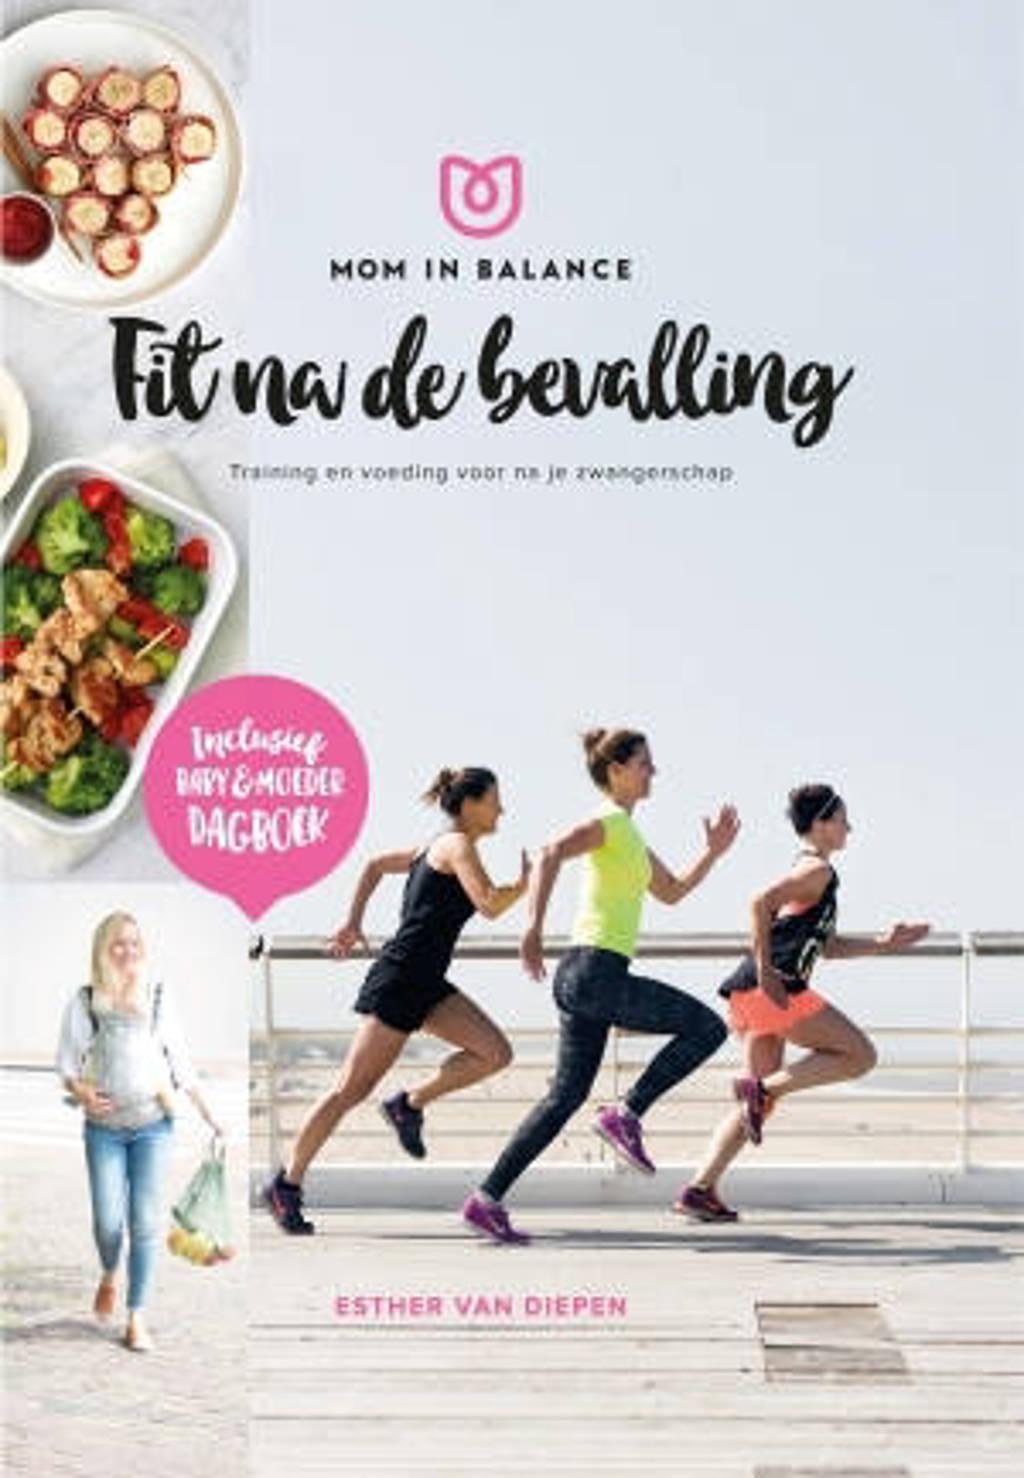 Mom in balance - Fit na de bevalling! - Esther van Diepen